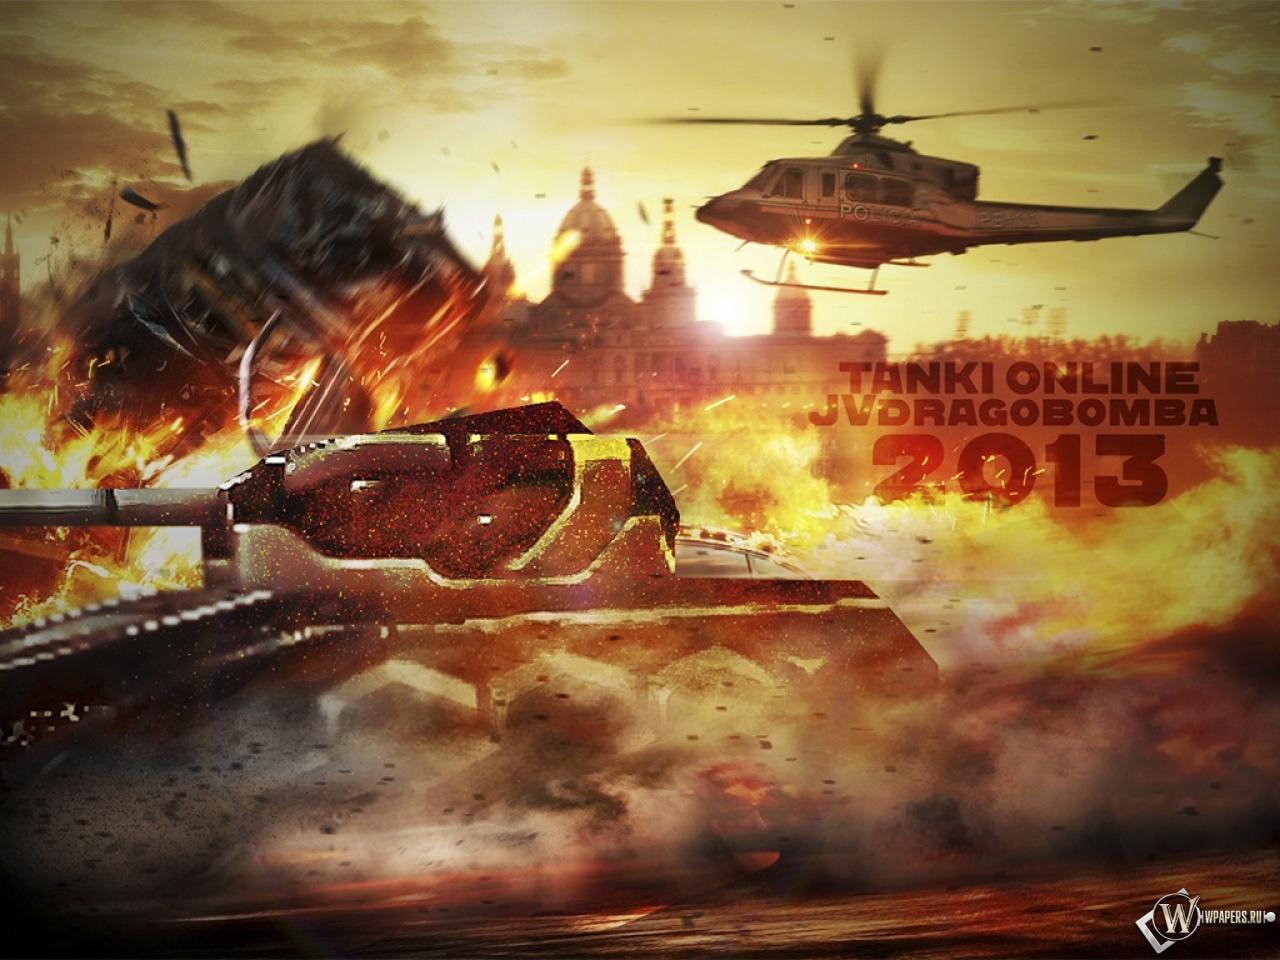 Скачать обои танки онлайн игра танк